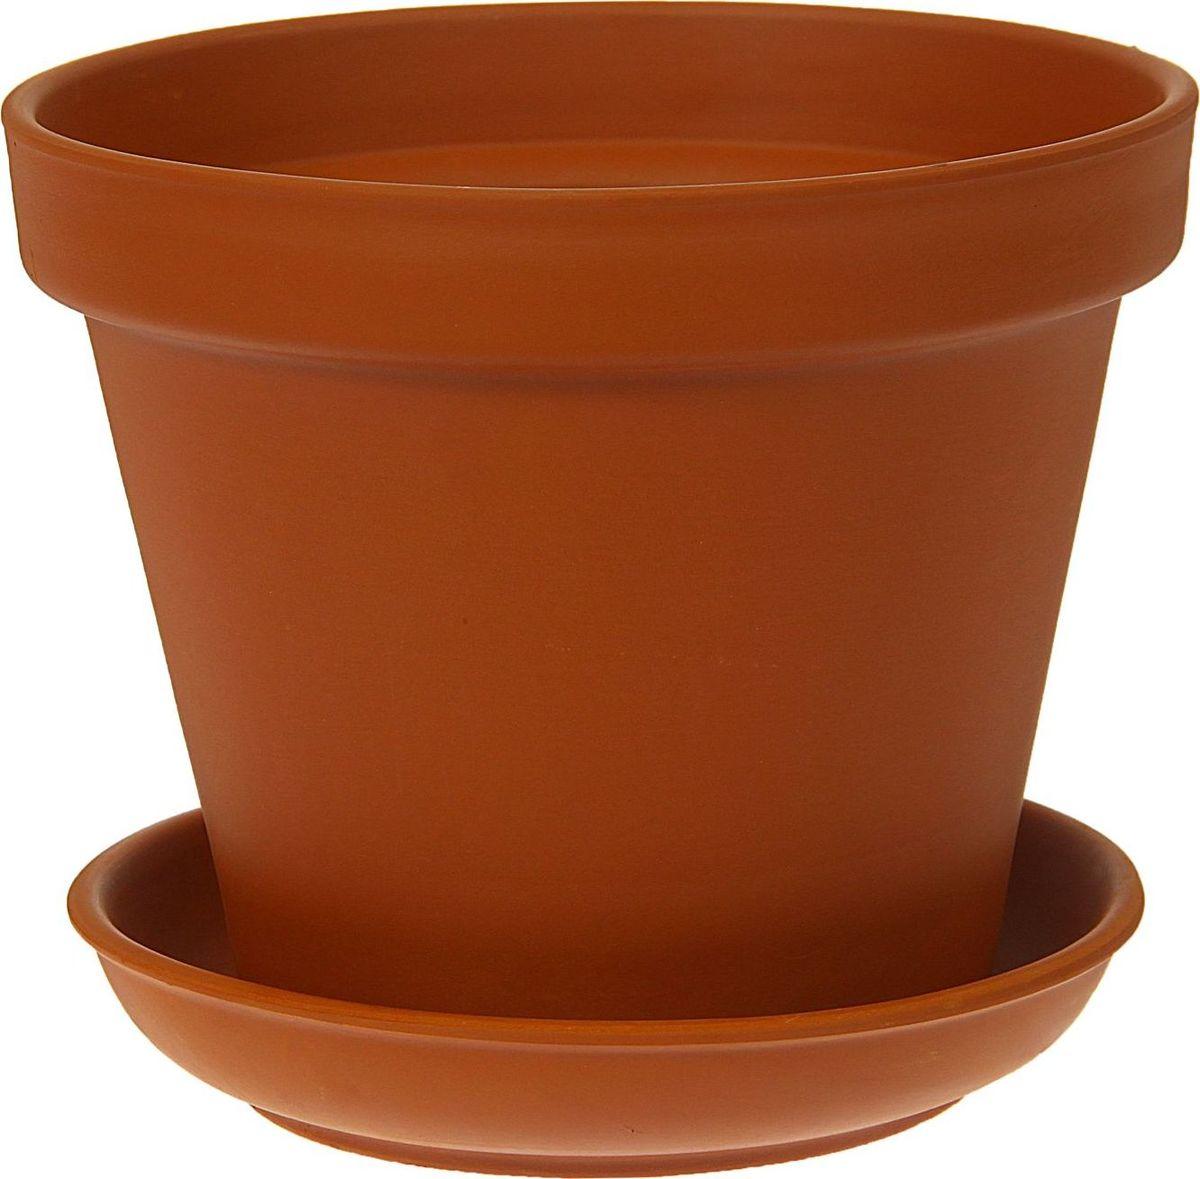 Кашпо Керамика ручной работы Стандарт, 4,5 л1354680Комнатные растения — всеобщие любимцы. Они радуют глаз, насыщают помещение кислородом и украшают пространство. Каждому из них необходим свой удобный и красивый дом. Кашпо из керамики прекрасно подходят для высадки растений: за счёт пластичности глины и разных способов обработки существует великое множество форм и дизайновпористый материал позволяет испаряться лишней влагевоздух, необходимый для дыхания корней, проникает сквозь керамические стенки! #name# позаботится о зелёном питомце, освежит интерьер и подчеркнёт его стиль.